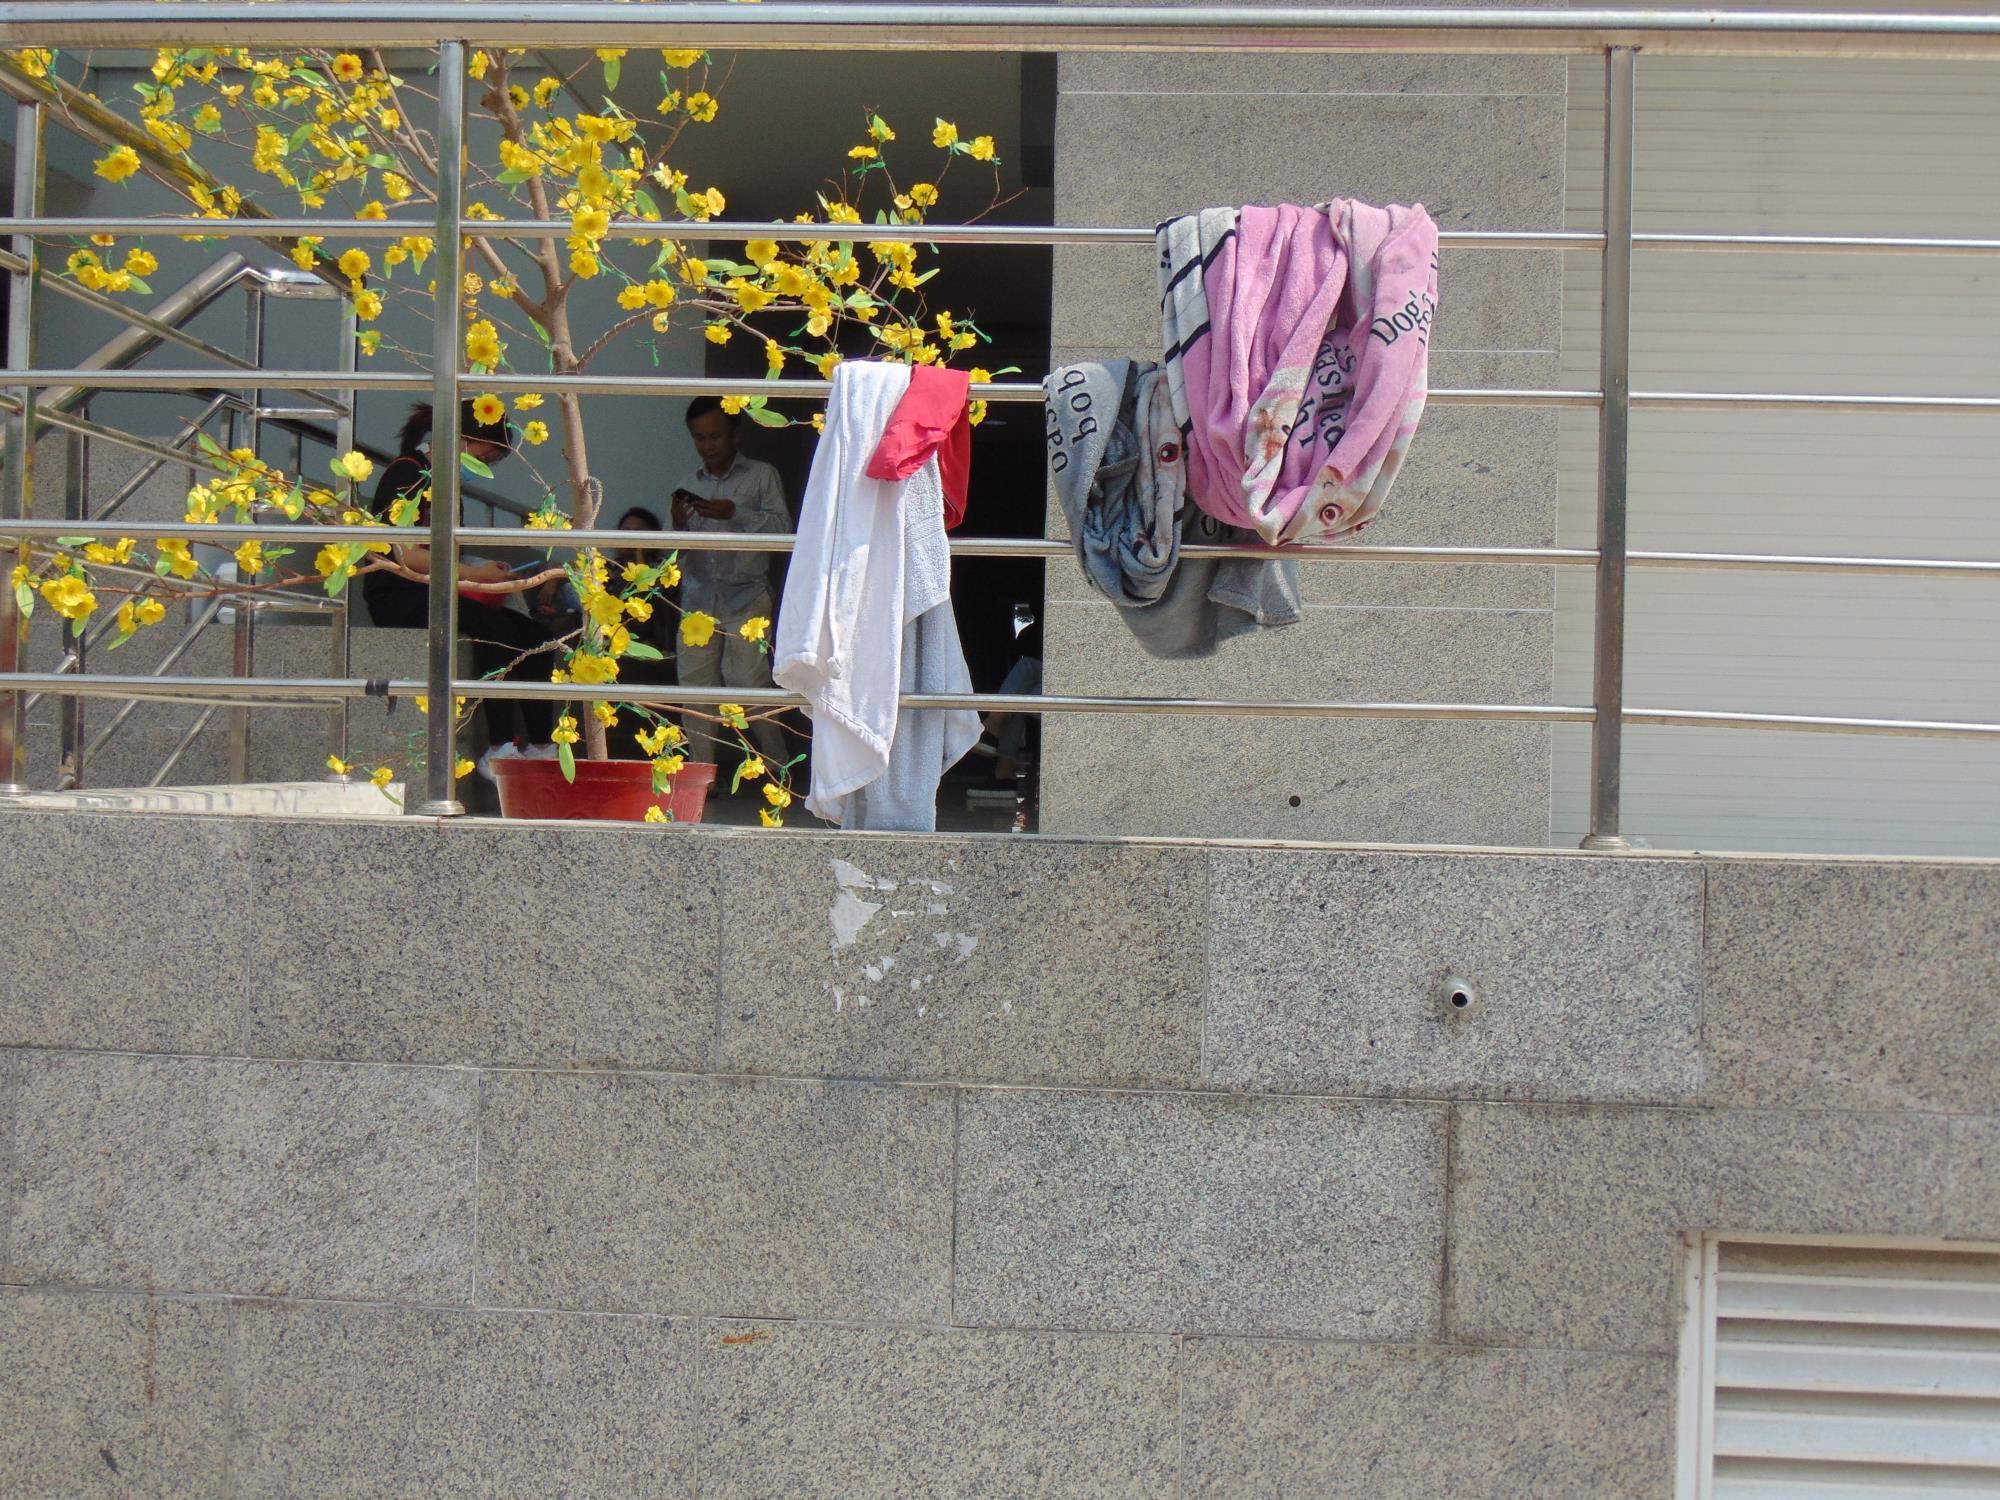 Người sống sót trong vụ cháy chung cư Carina: 'Thà chết trong phòng có đầy đủ vợ chồng còn hơn mất xác ngoài hành lang' - Ảnh 4